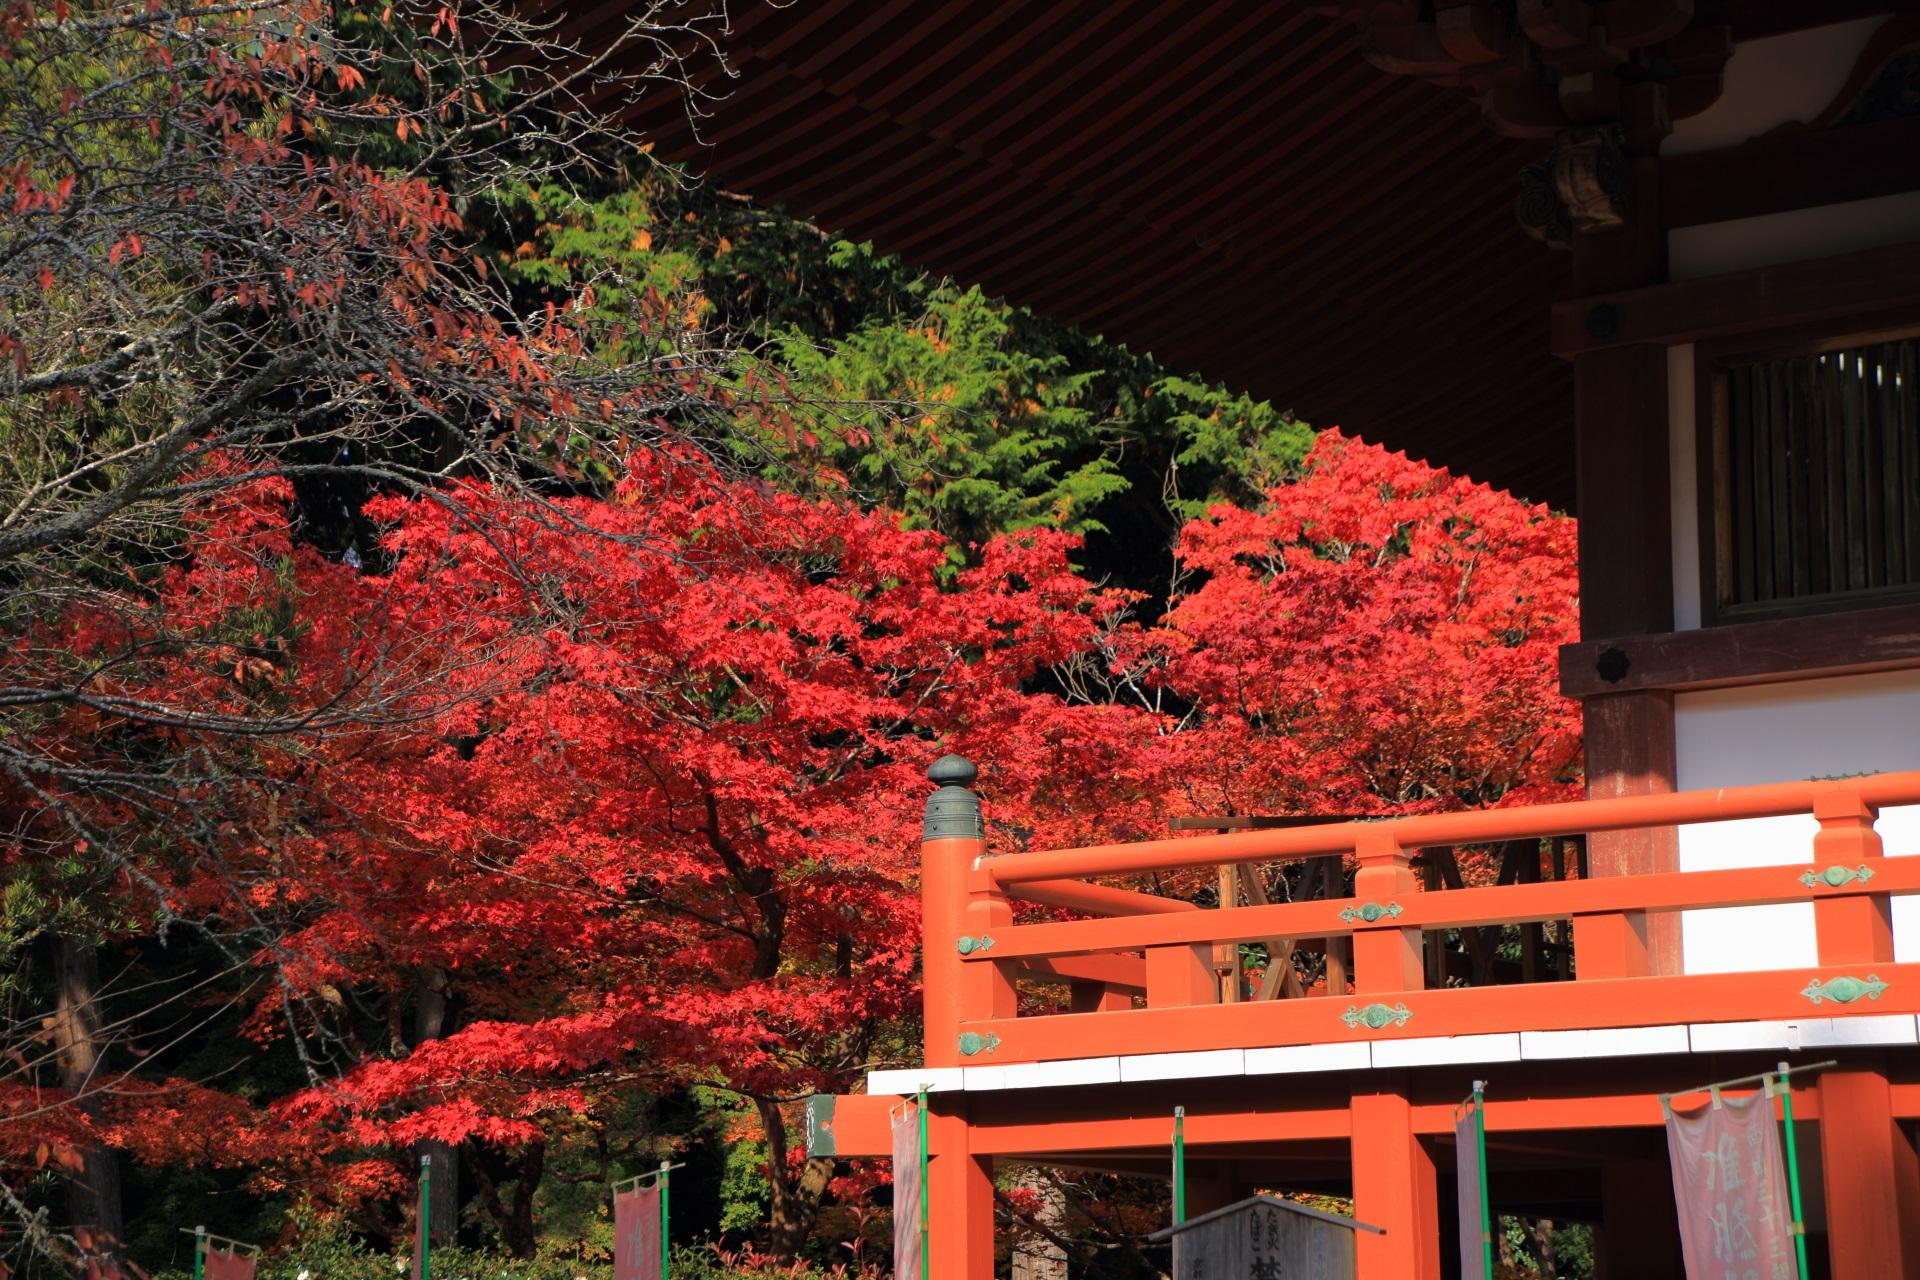 観音堂の鮮やかな色合いの見事な紅葉